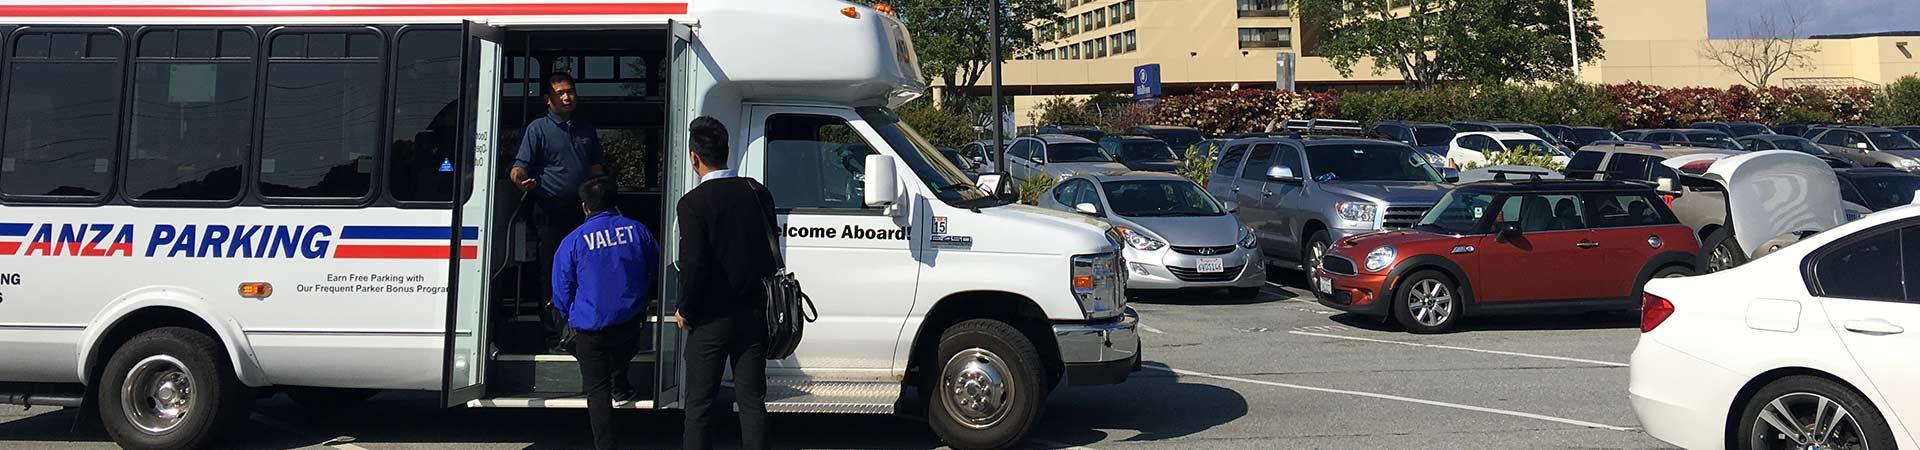 Shuttle Pickup in Parking Lot to SFO